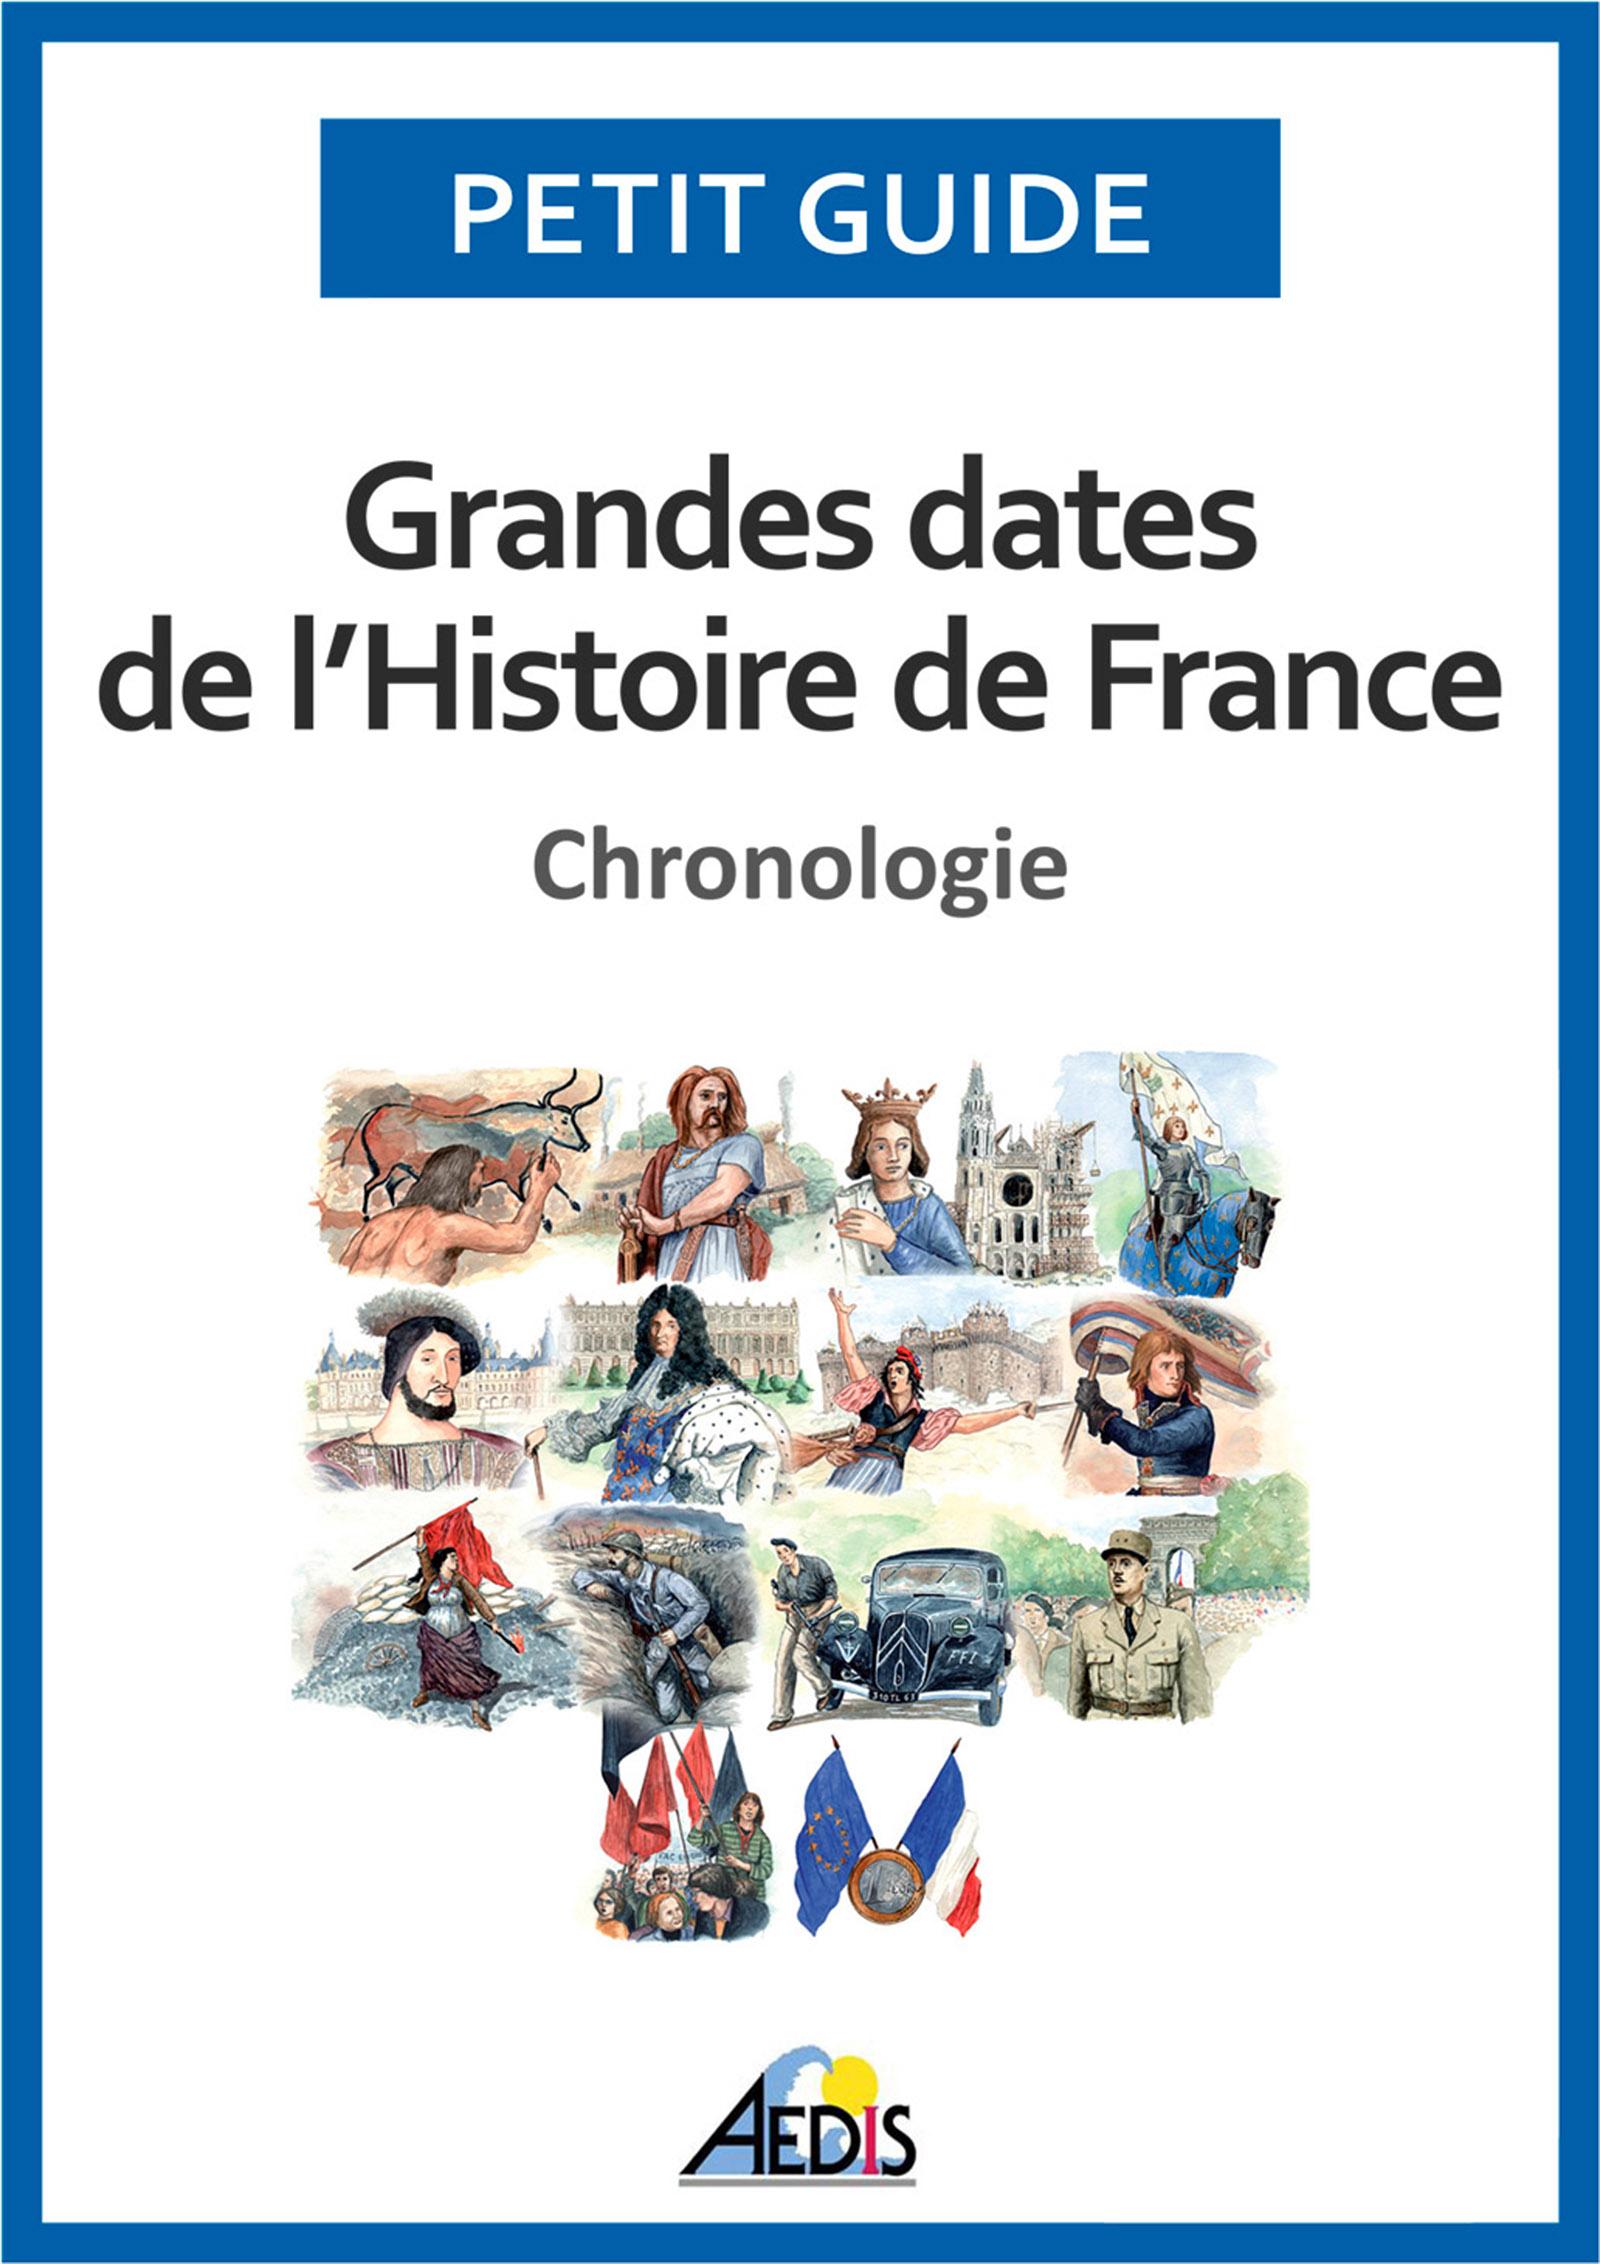 Grandes dates de l'Histoire de France